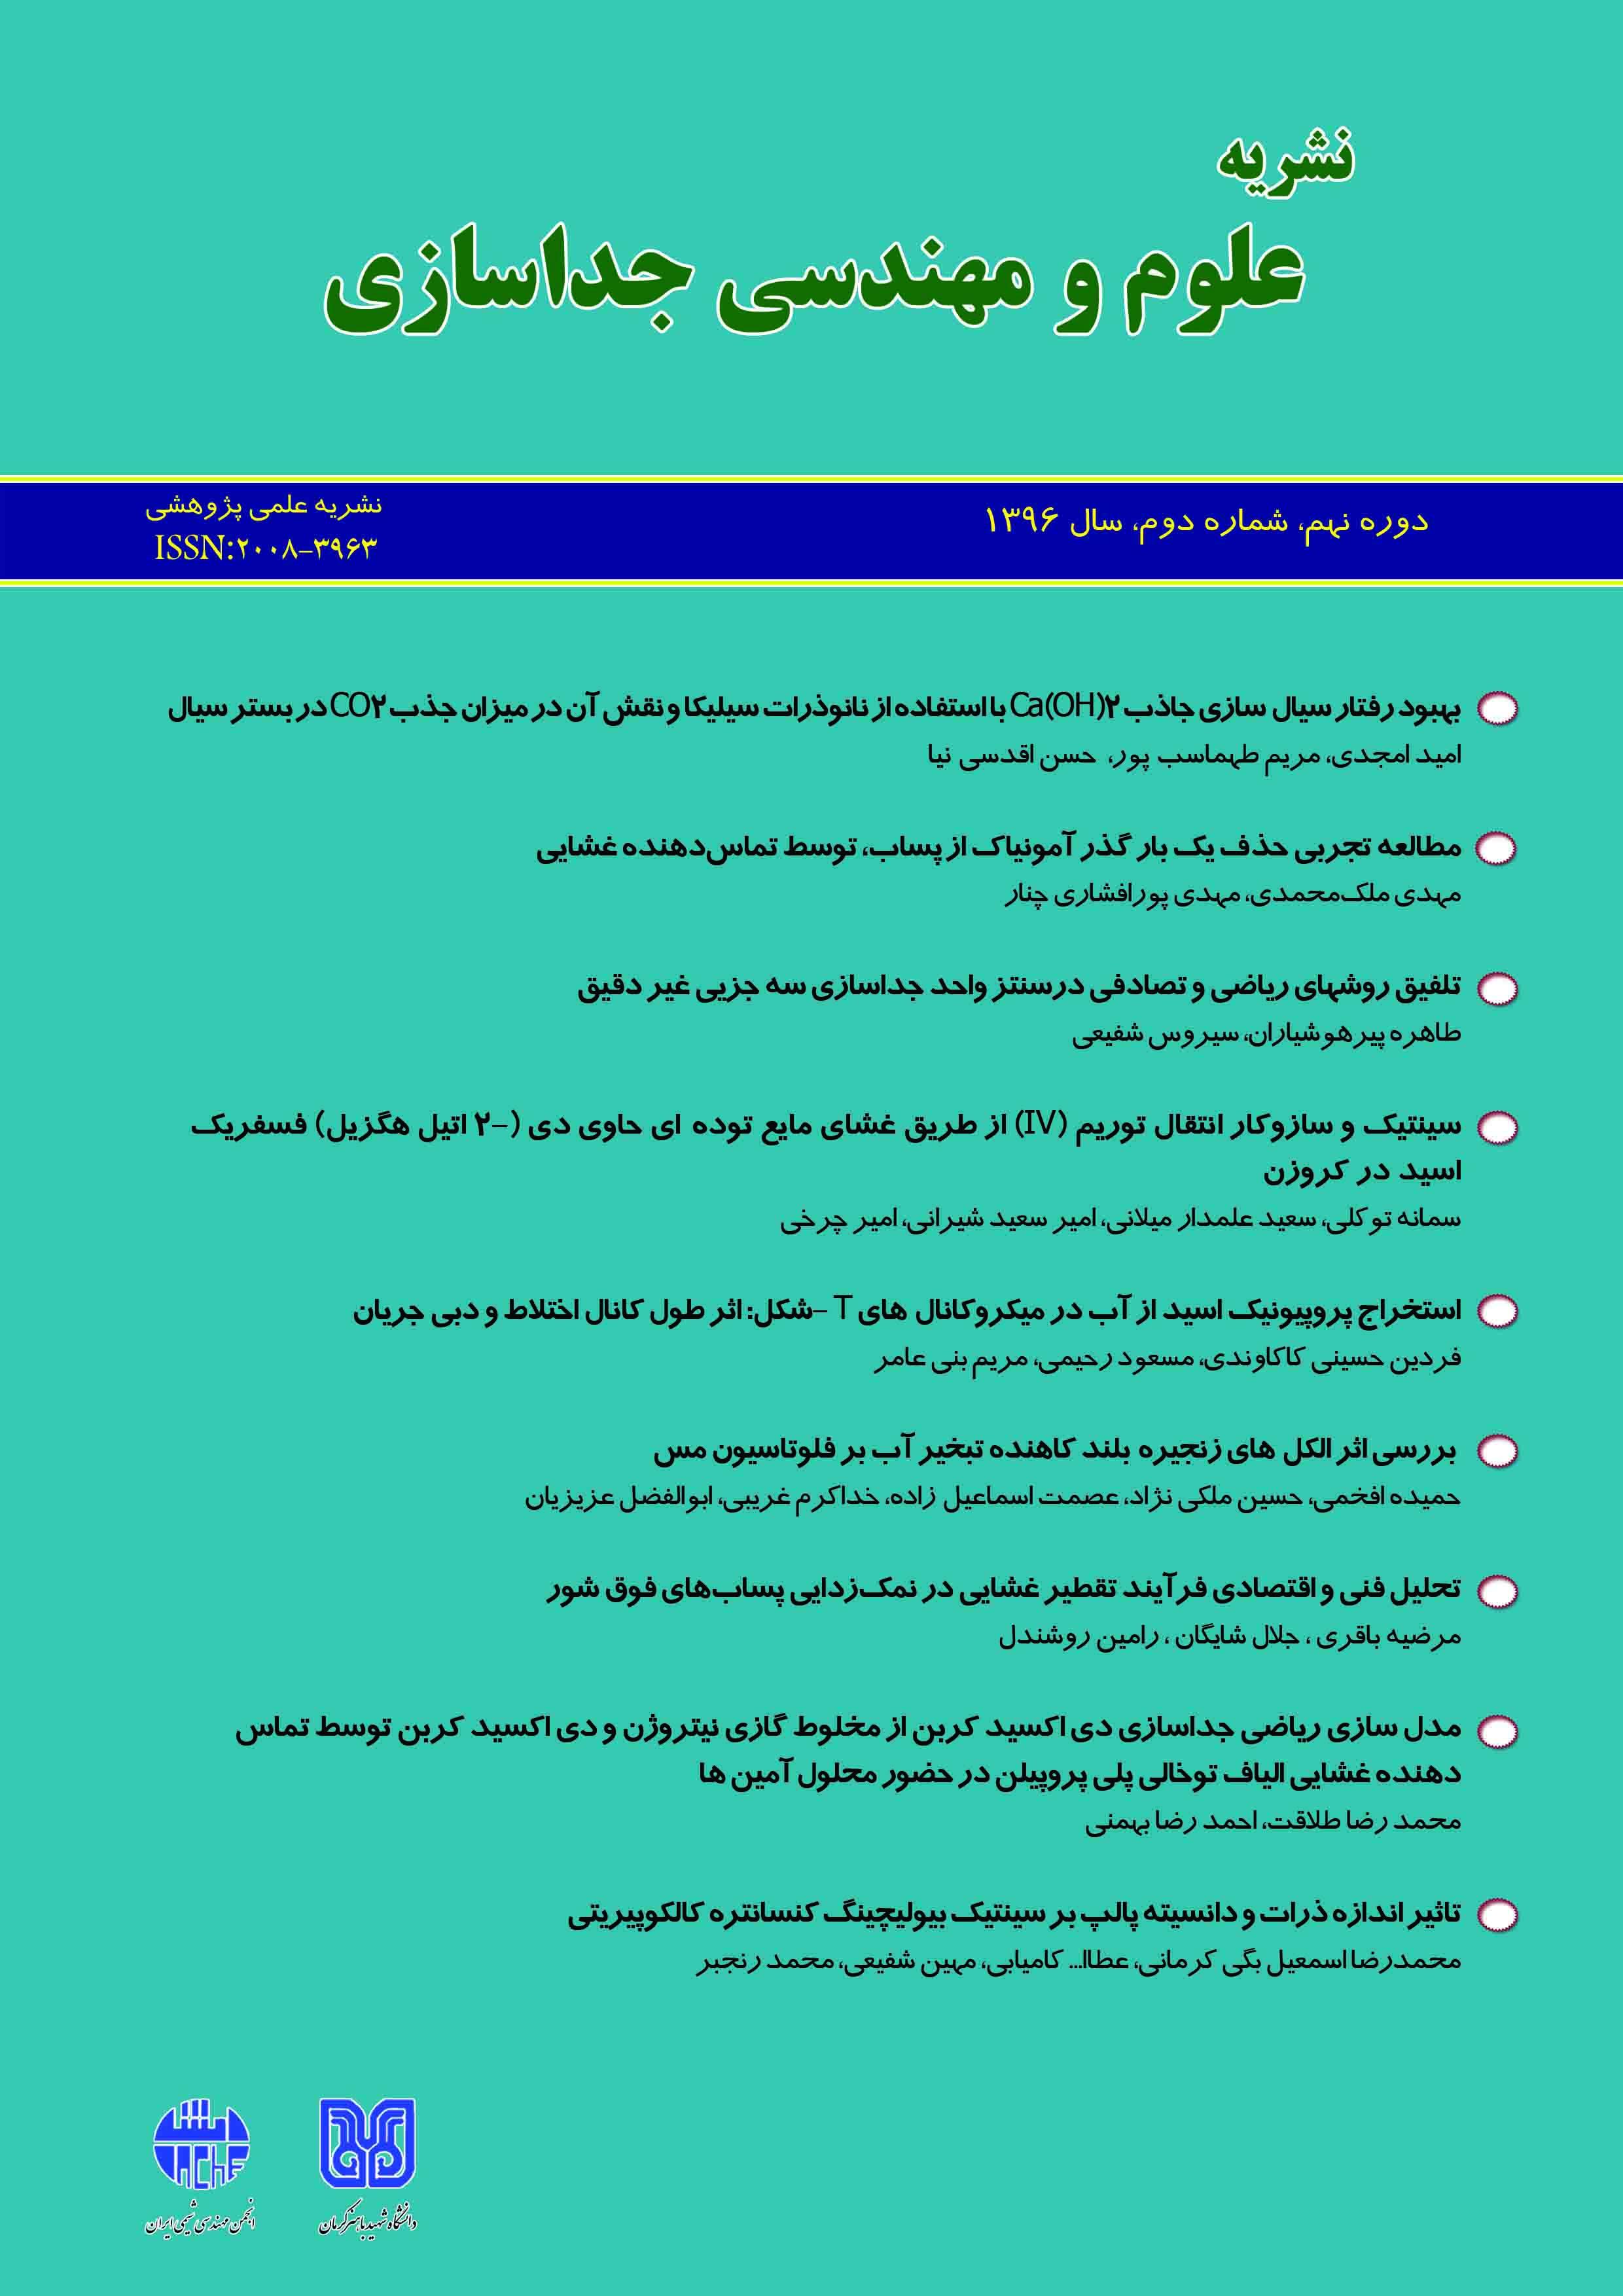 نشریه علوم و مهندسی جداسازی